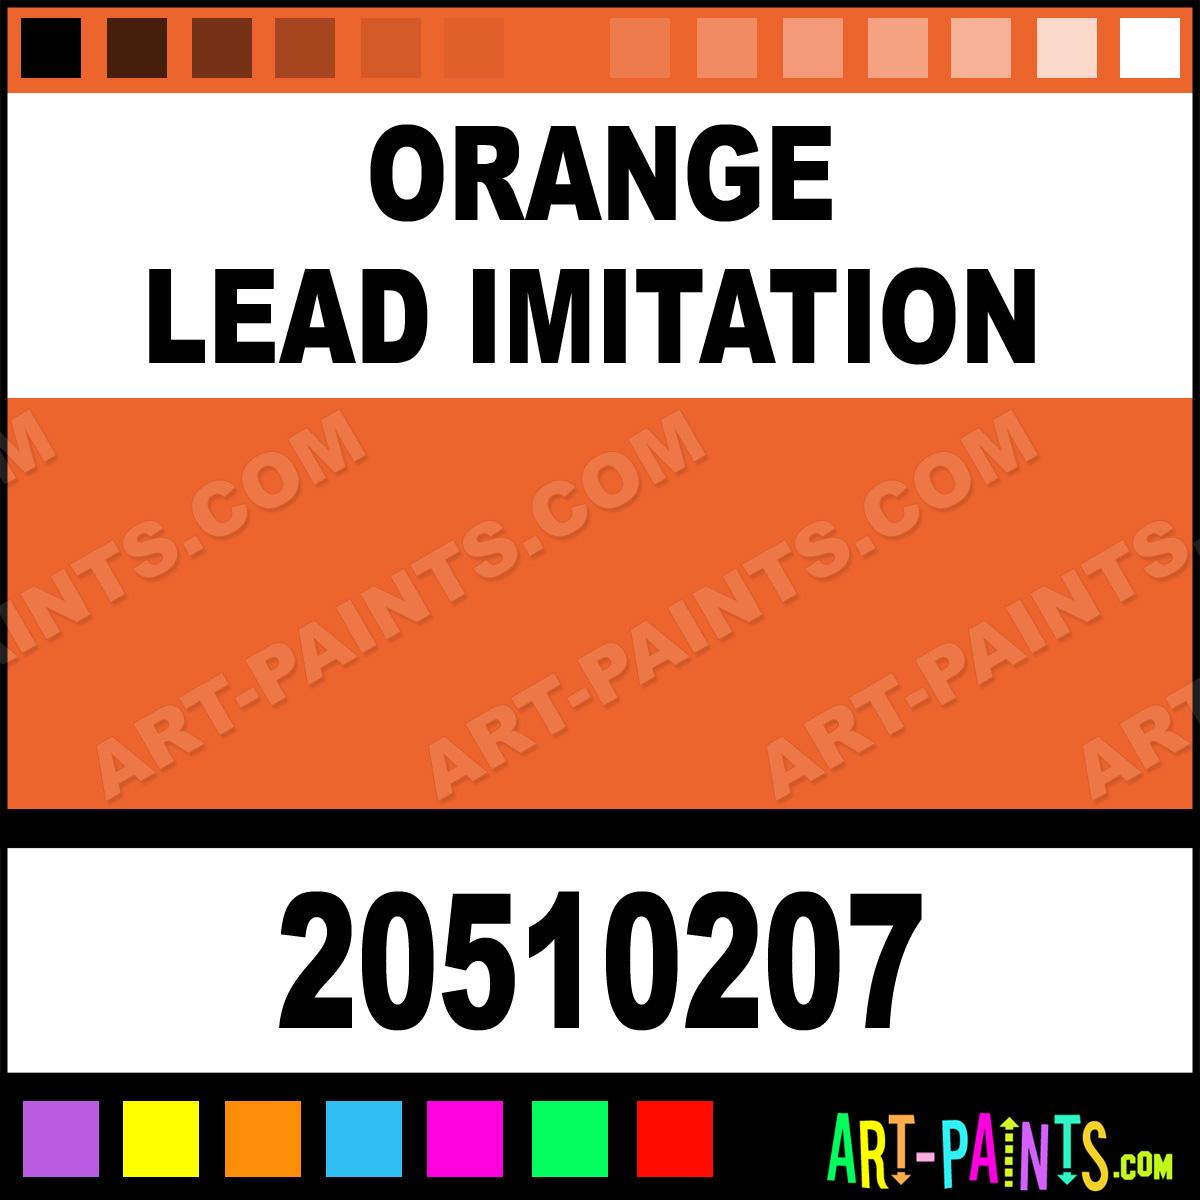 gouache paints 20510207 orange lead imitation paint orange lead. Black Bedroom Furniture Sets. Home Design Ideas